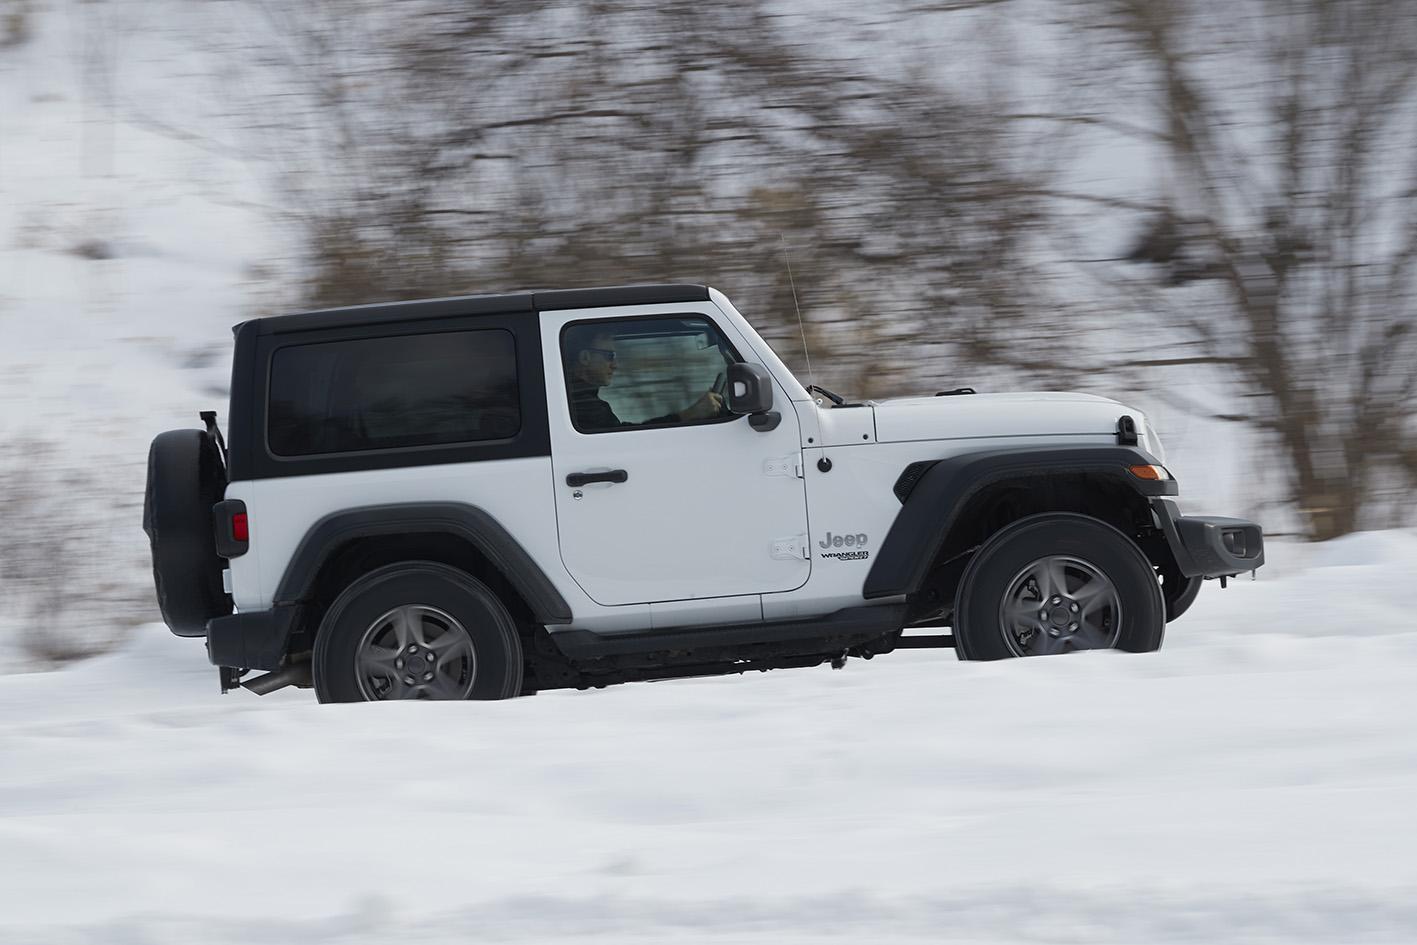 北海道の雪上で確かめたジープ・ラングラーの走り 試乗フォトギャラリー